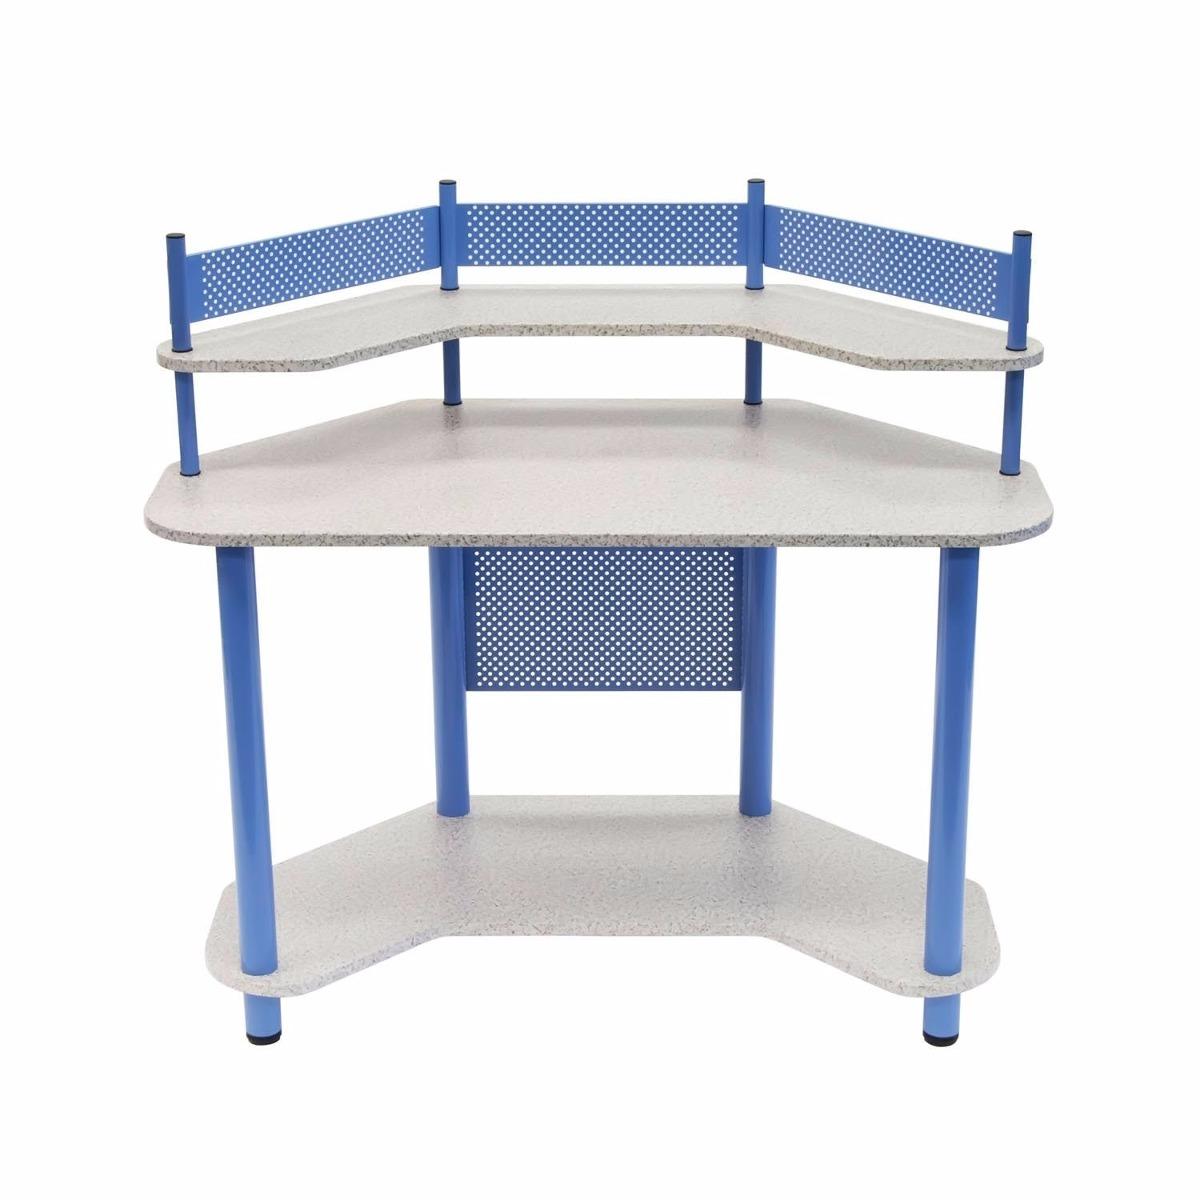 Escritorio mesa de trabajo esquinero madera y acero azul for Juego de mesa esquinero